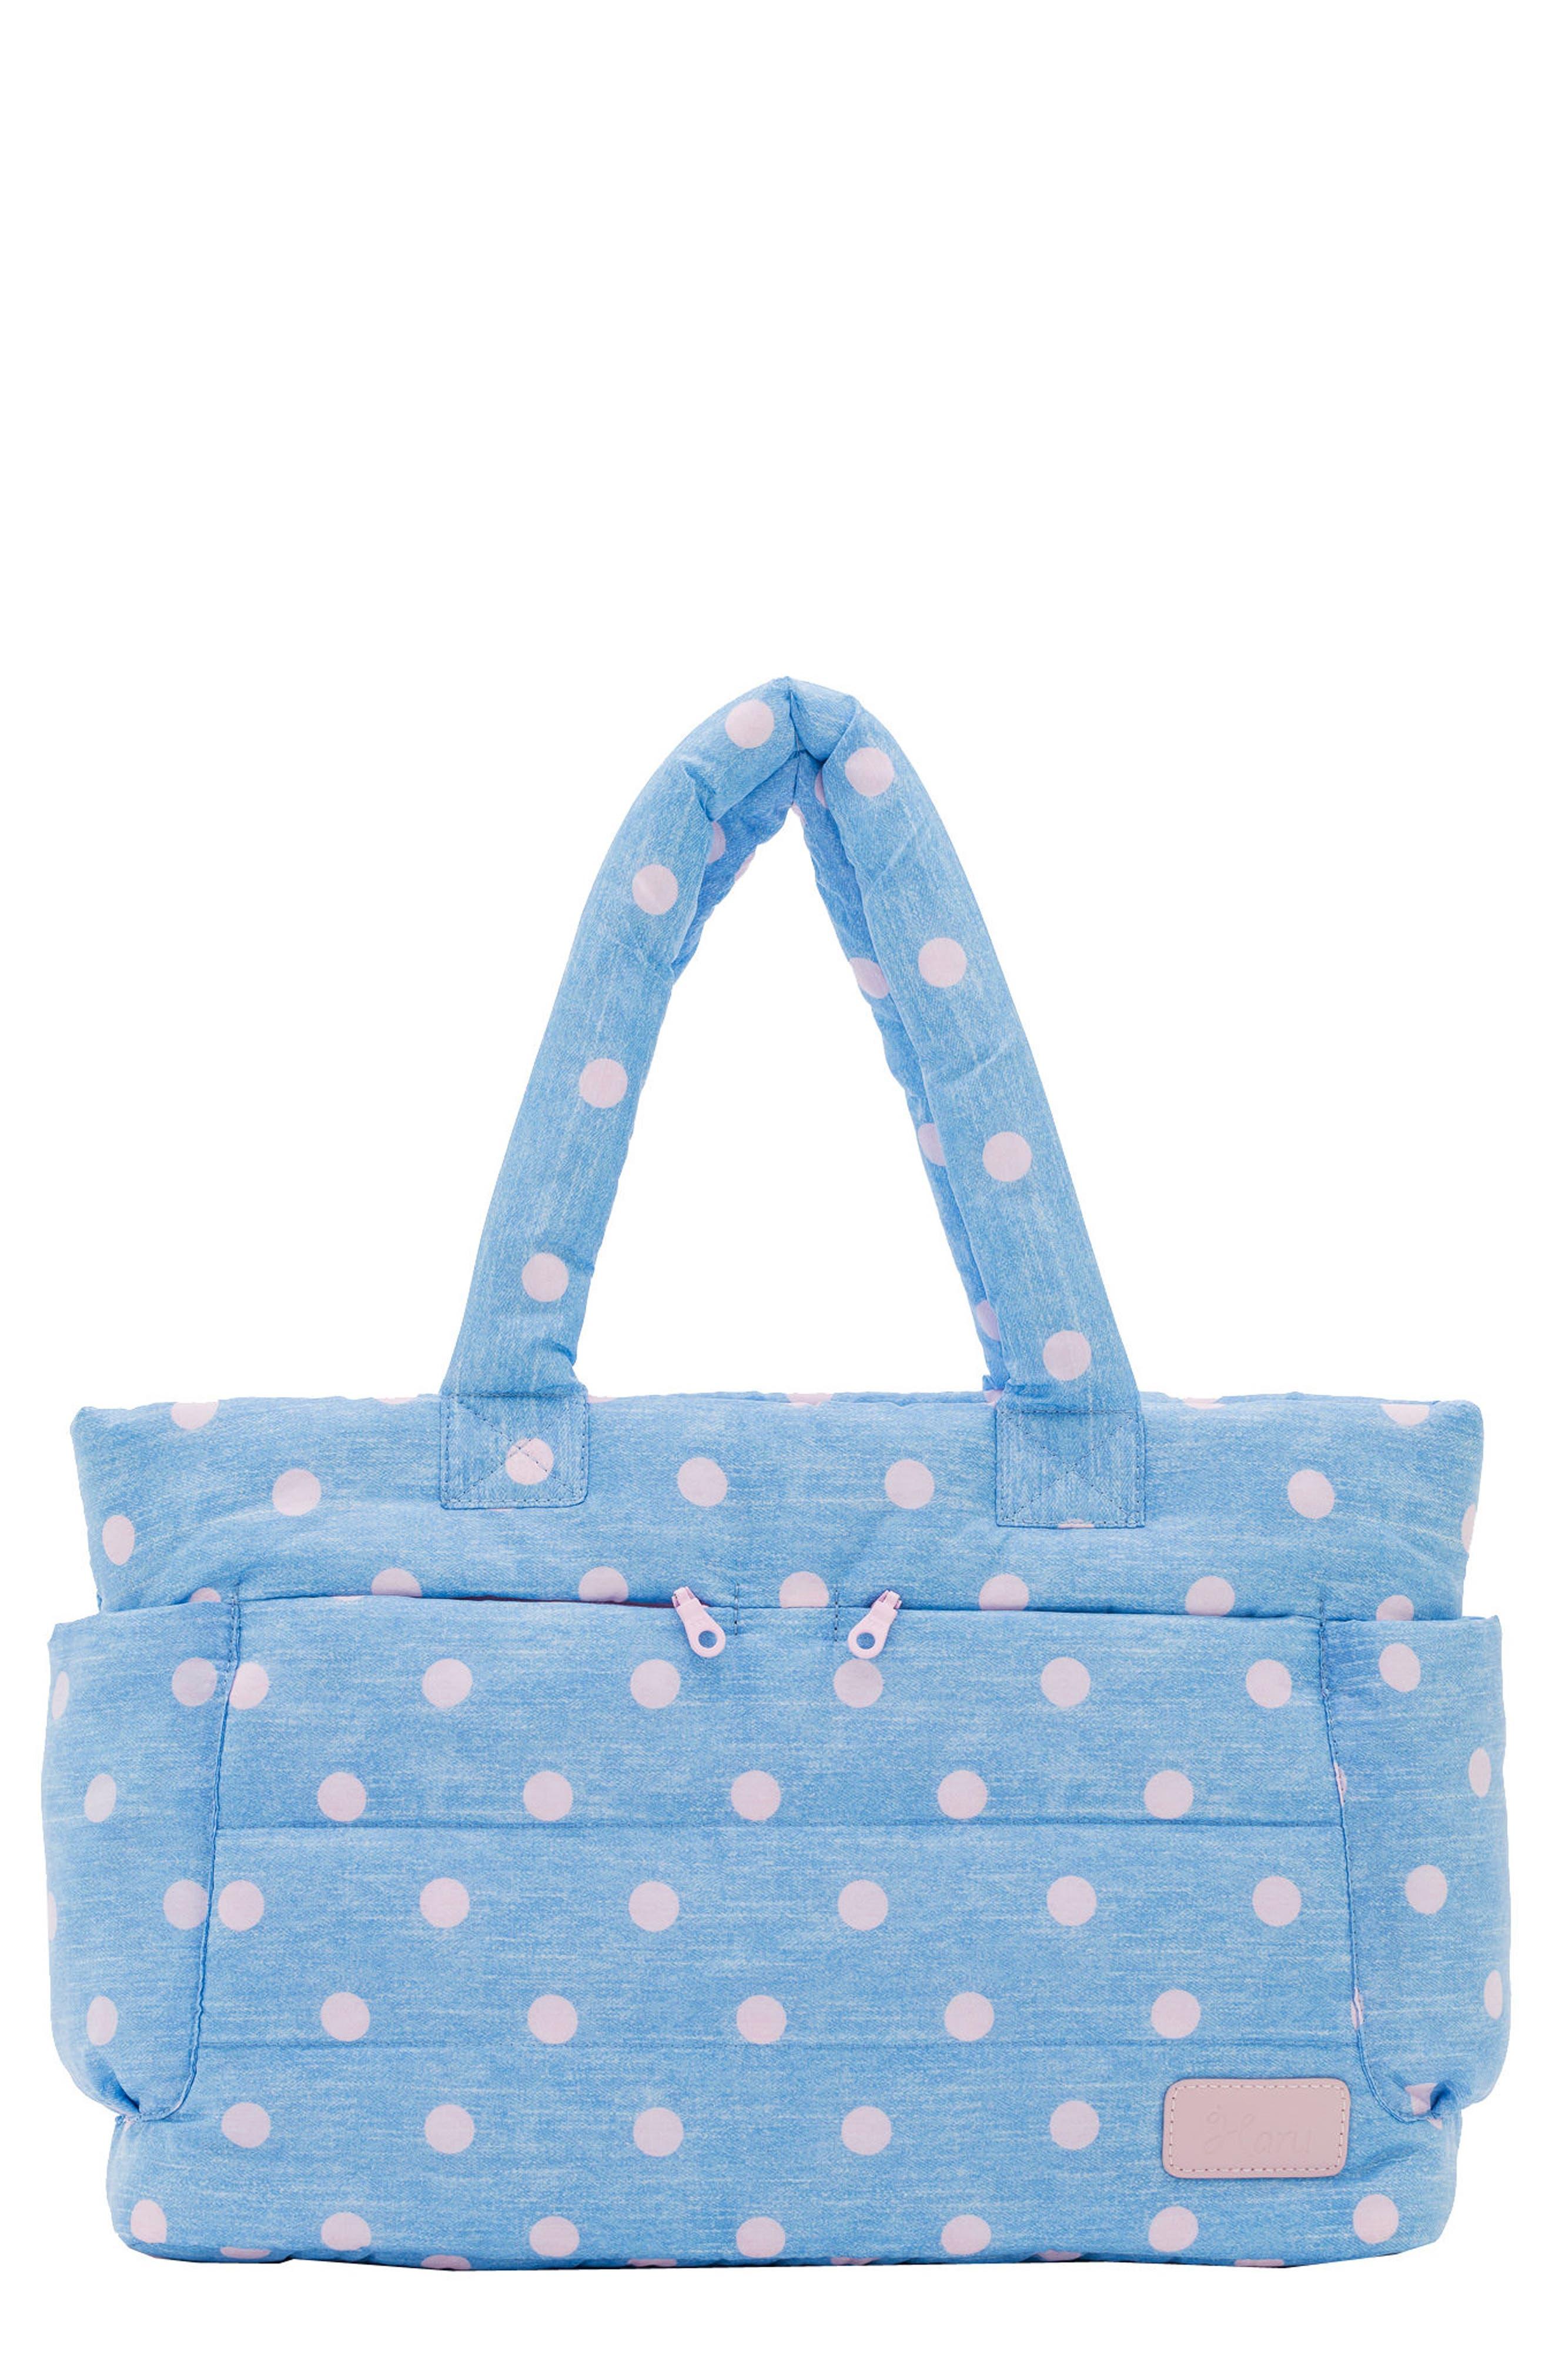 Print Classic Water Repellent Diaper Bag,                         Main,                         color, DENIM PINK DOT